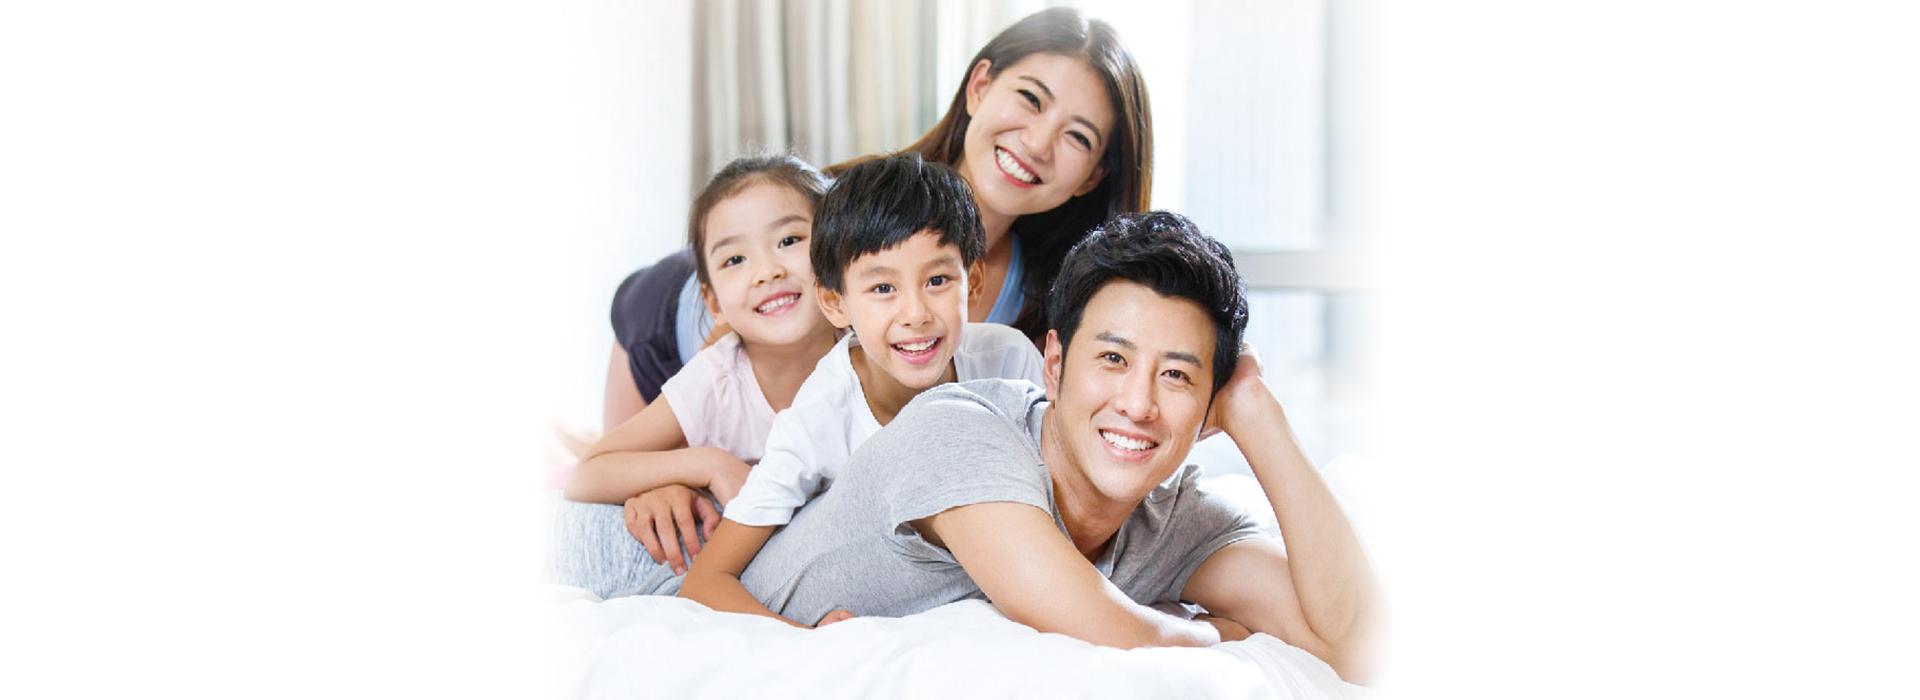 台灣人壽、中國信託投信 再度攜手